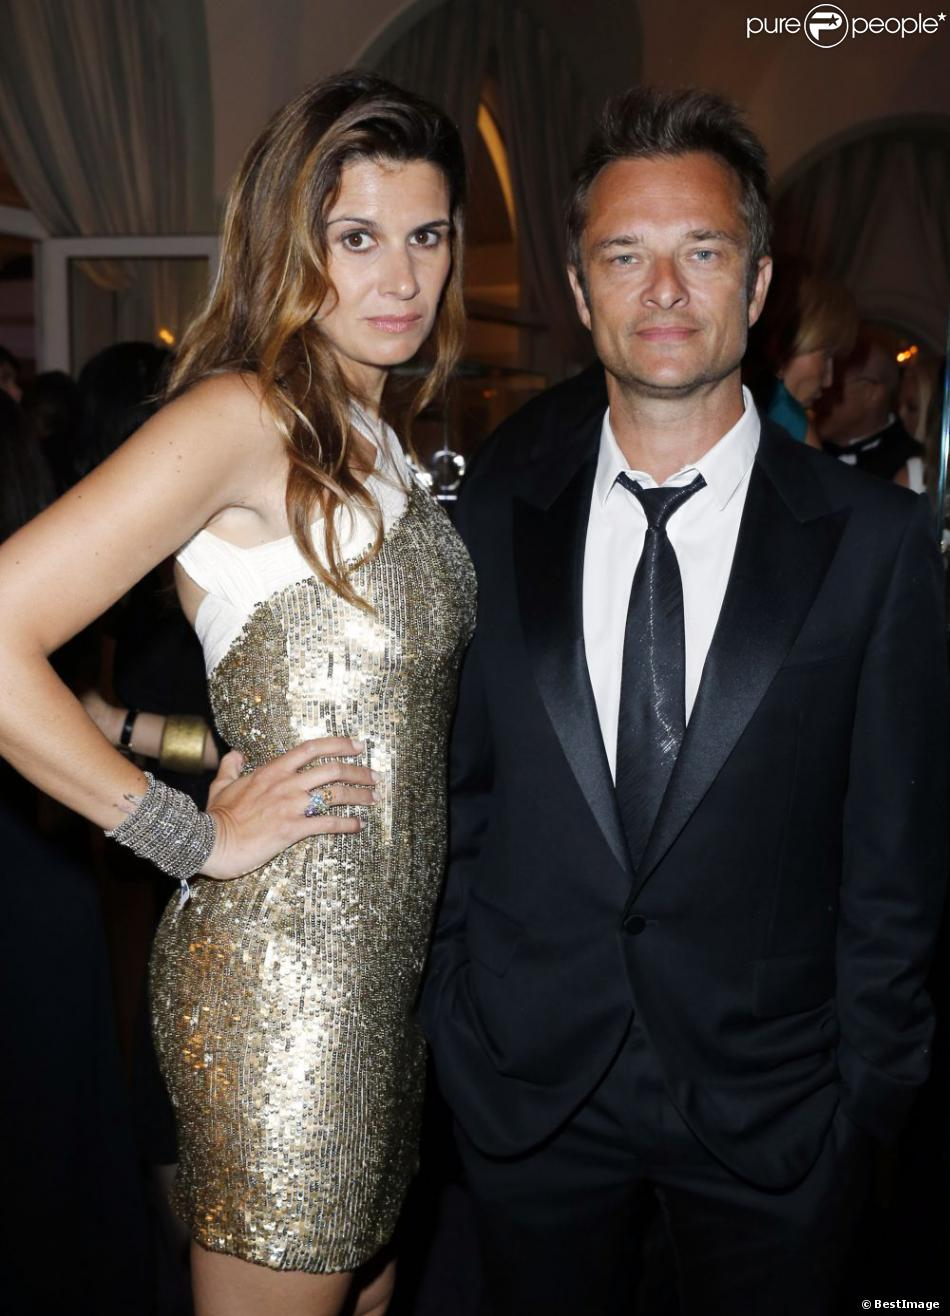 David Hallyday et sa femme Alexandra - Intérieur de la soirée De Grisogono à l'Eden Roc au Cap d'Antibes lors du 66e Festival du film de Cannes. Le 21 mai 2013.